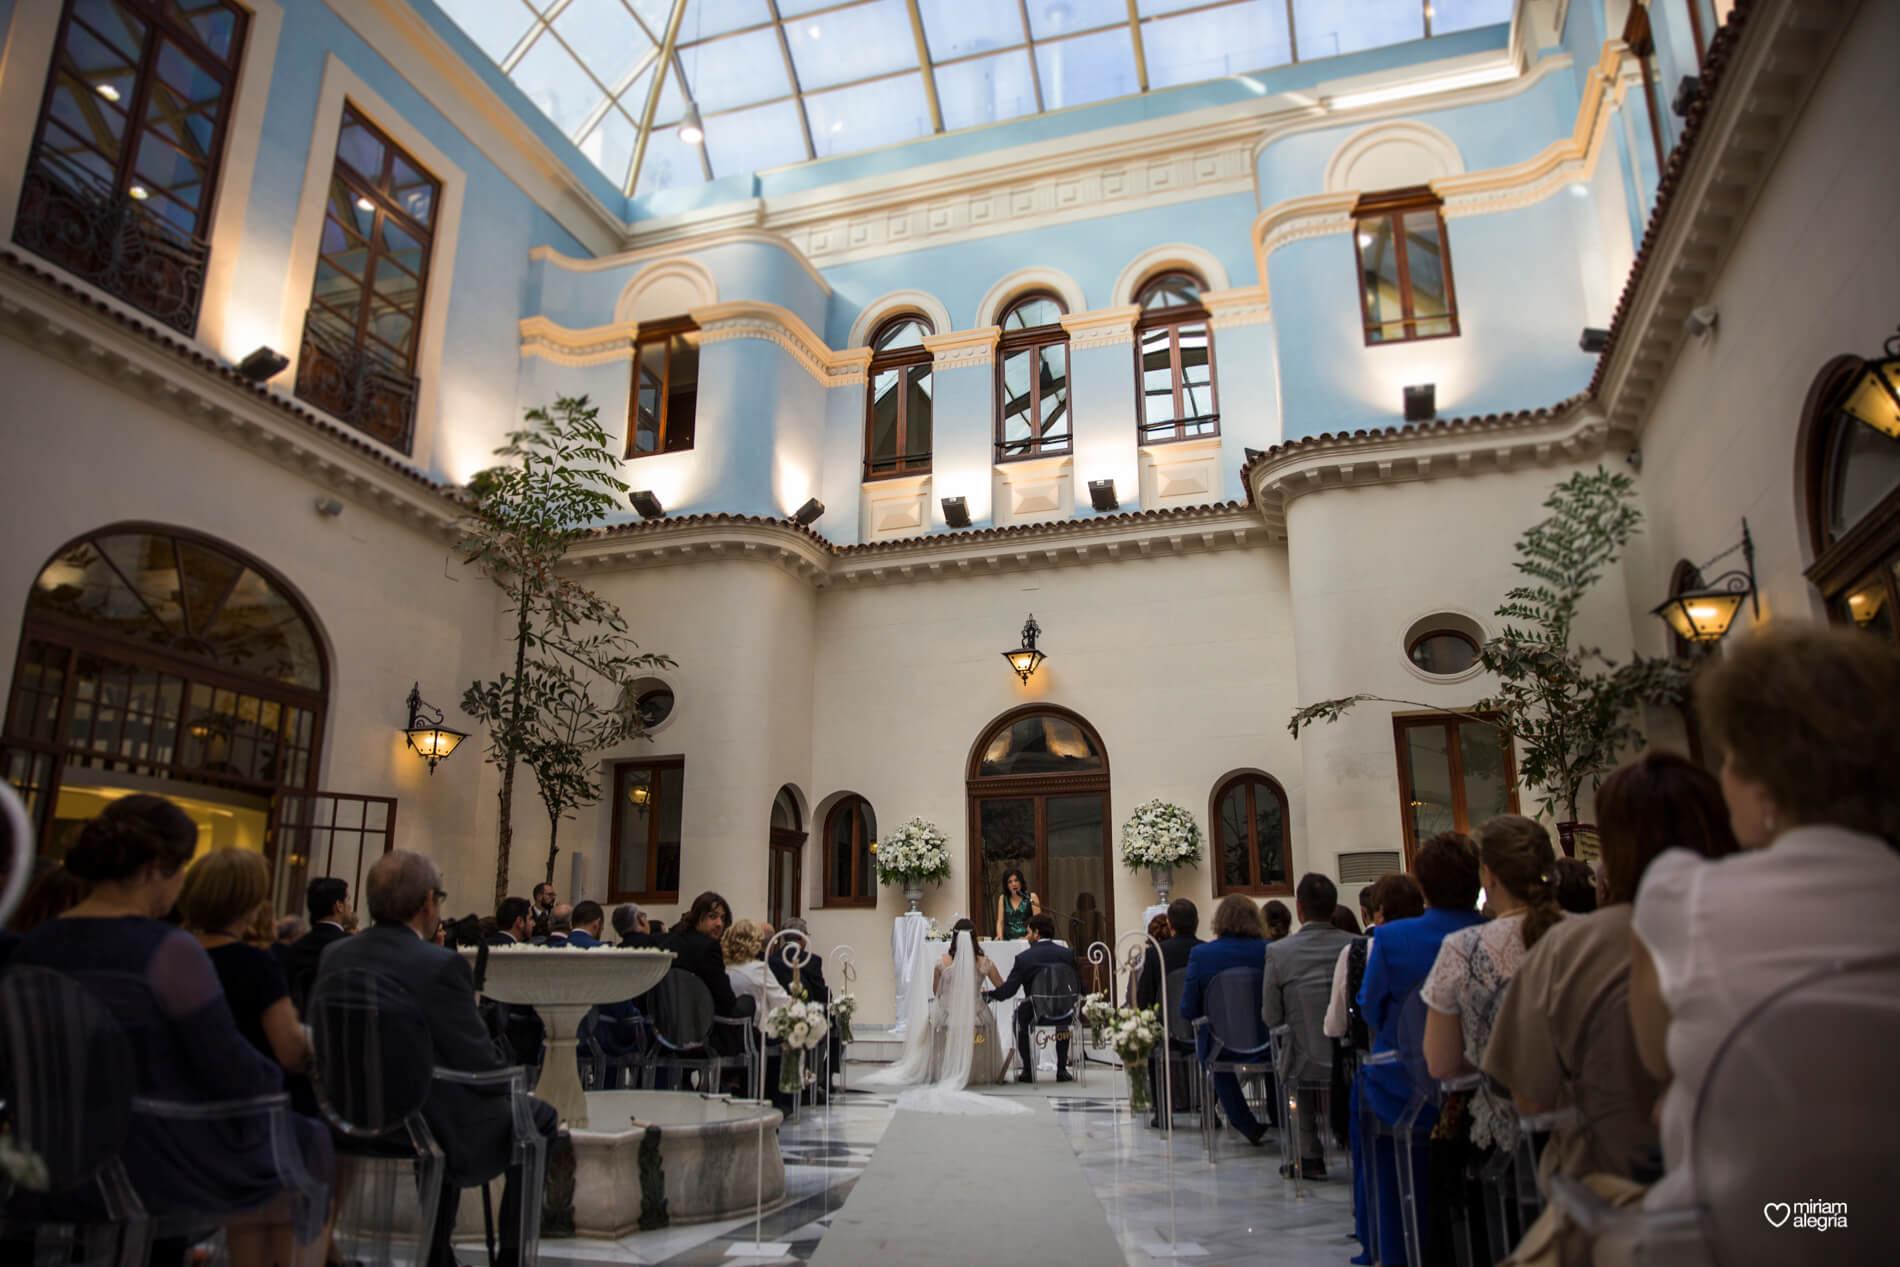 boda-civil-en-el-casino-de-murcia-miriam-alegria-fotografos-de-boda-24